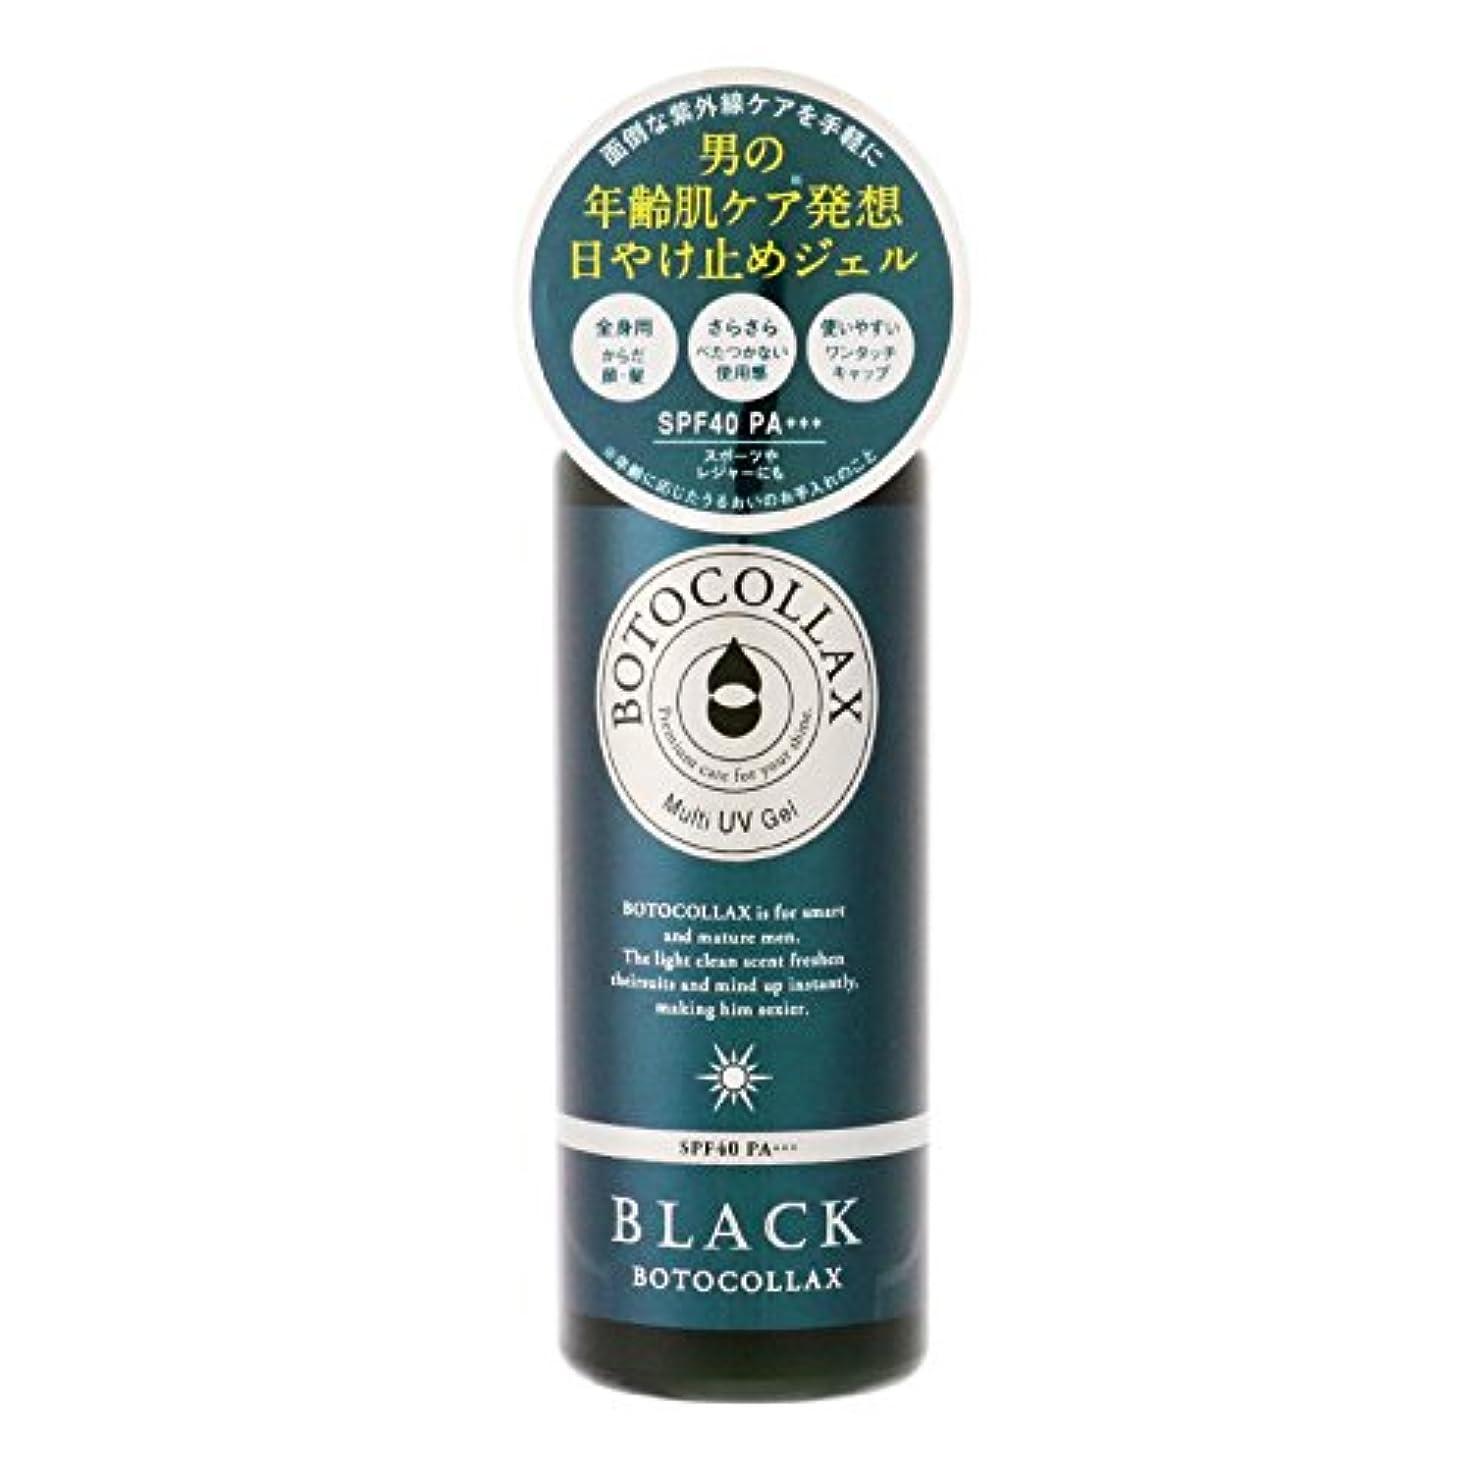 オーチャード細胞金属ボトコラックスブラック オーシャン マルチUVジェル ベルガモットグリーンの香り 70g